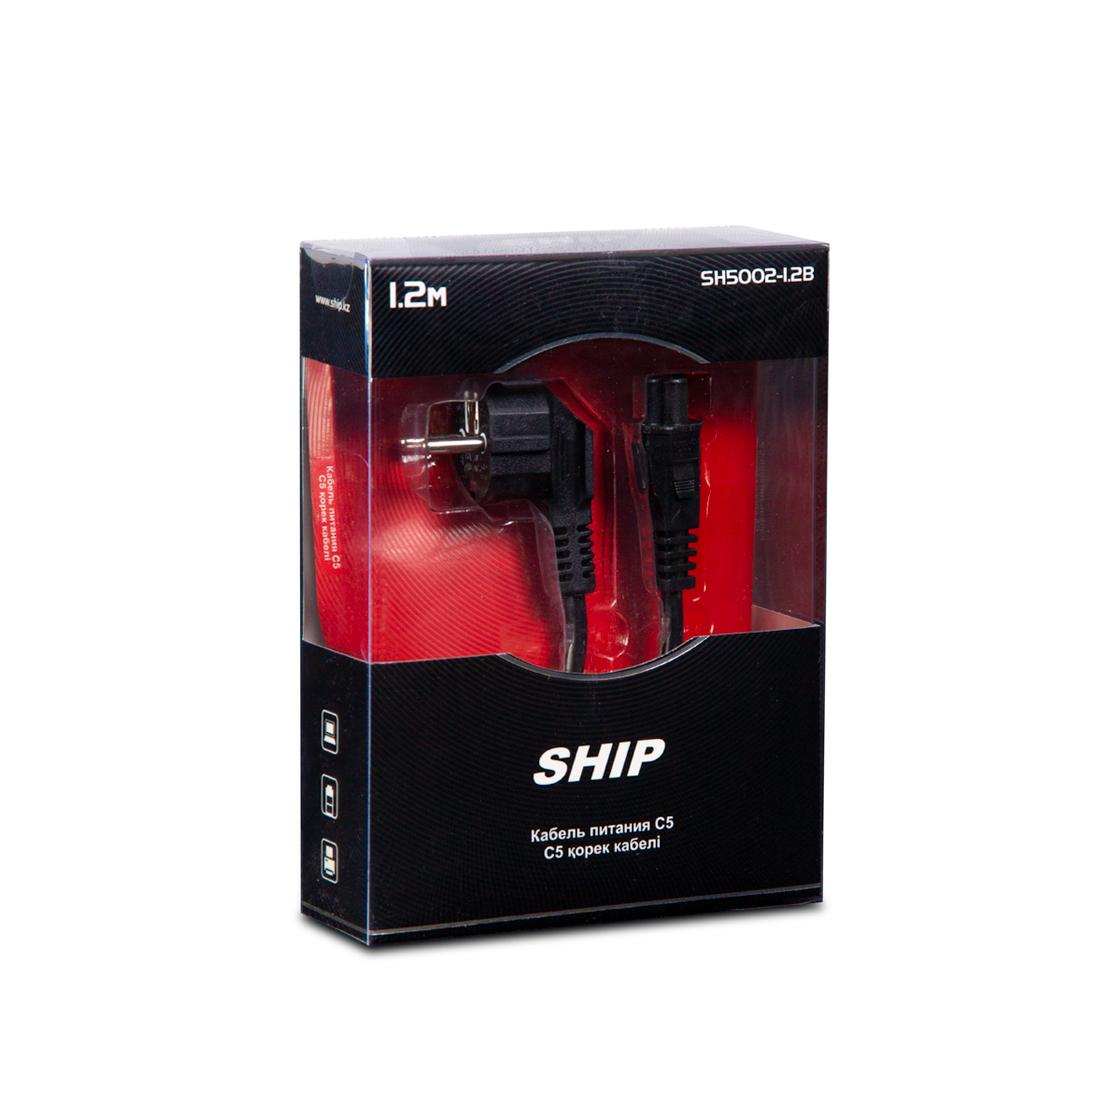 Кабель питания С5 SHIP SH5002-1.2B